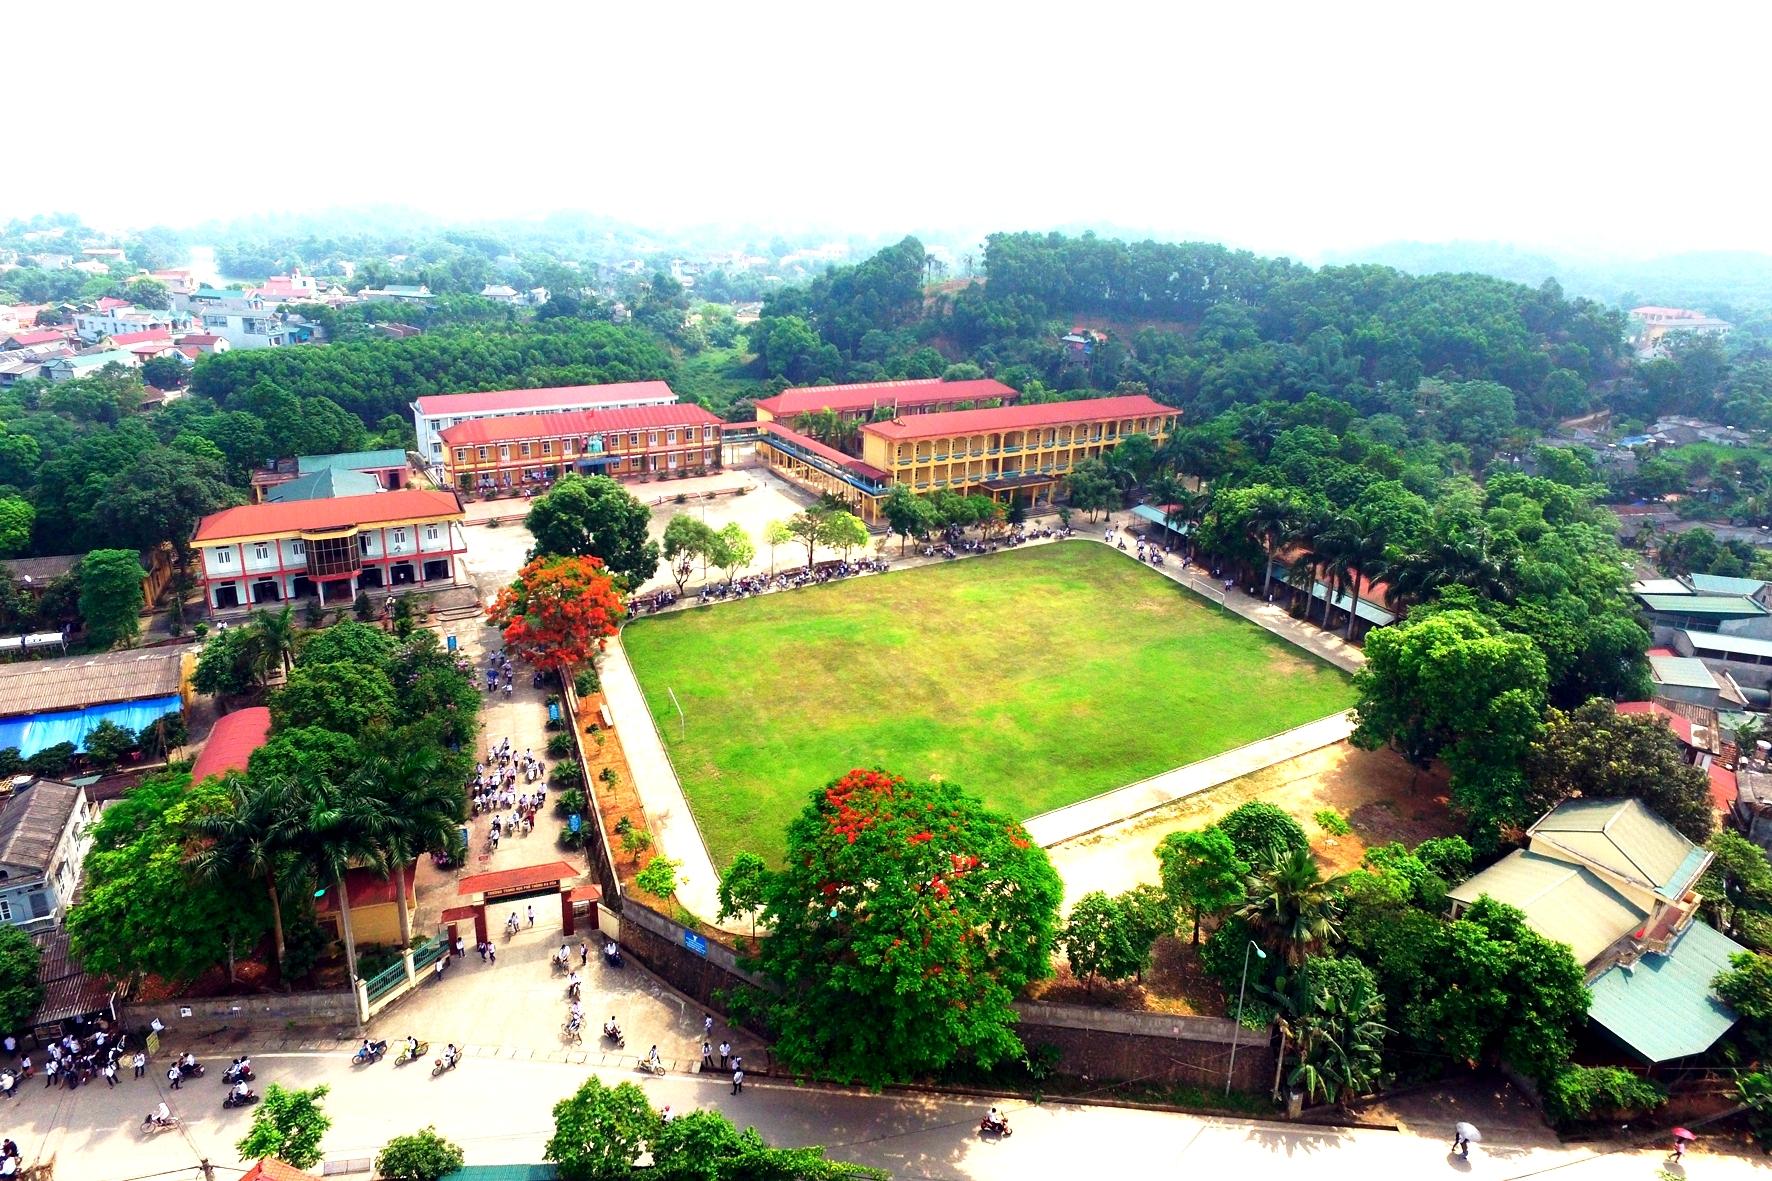 Lịch sử ra đời và phát triển của trường THPT Hạ Hoà- Phú Thọ